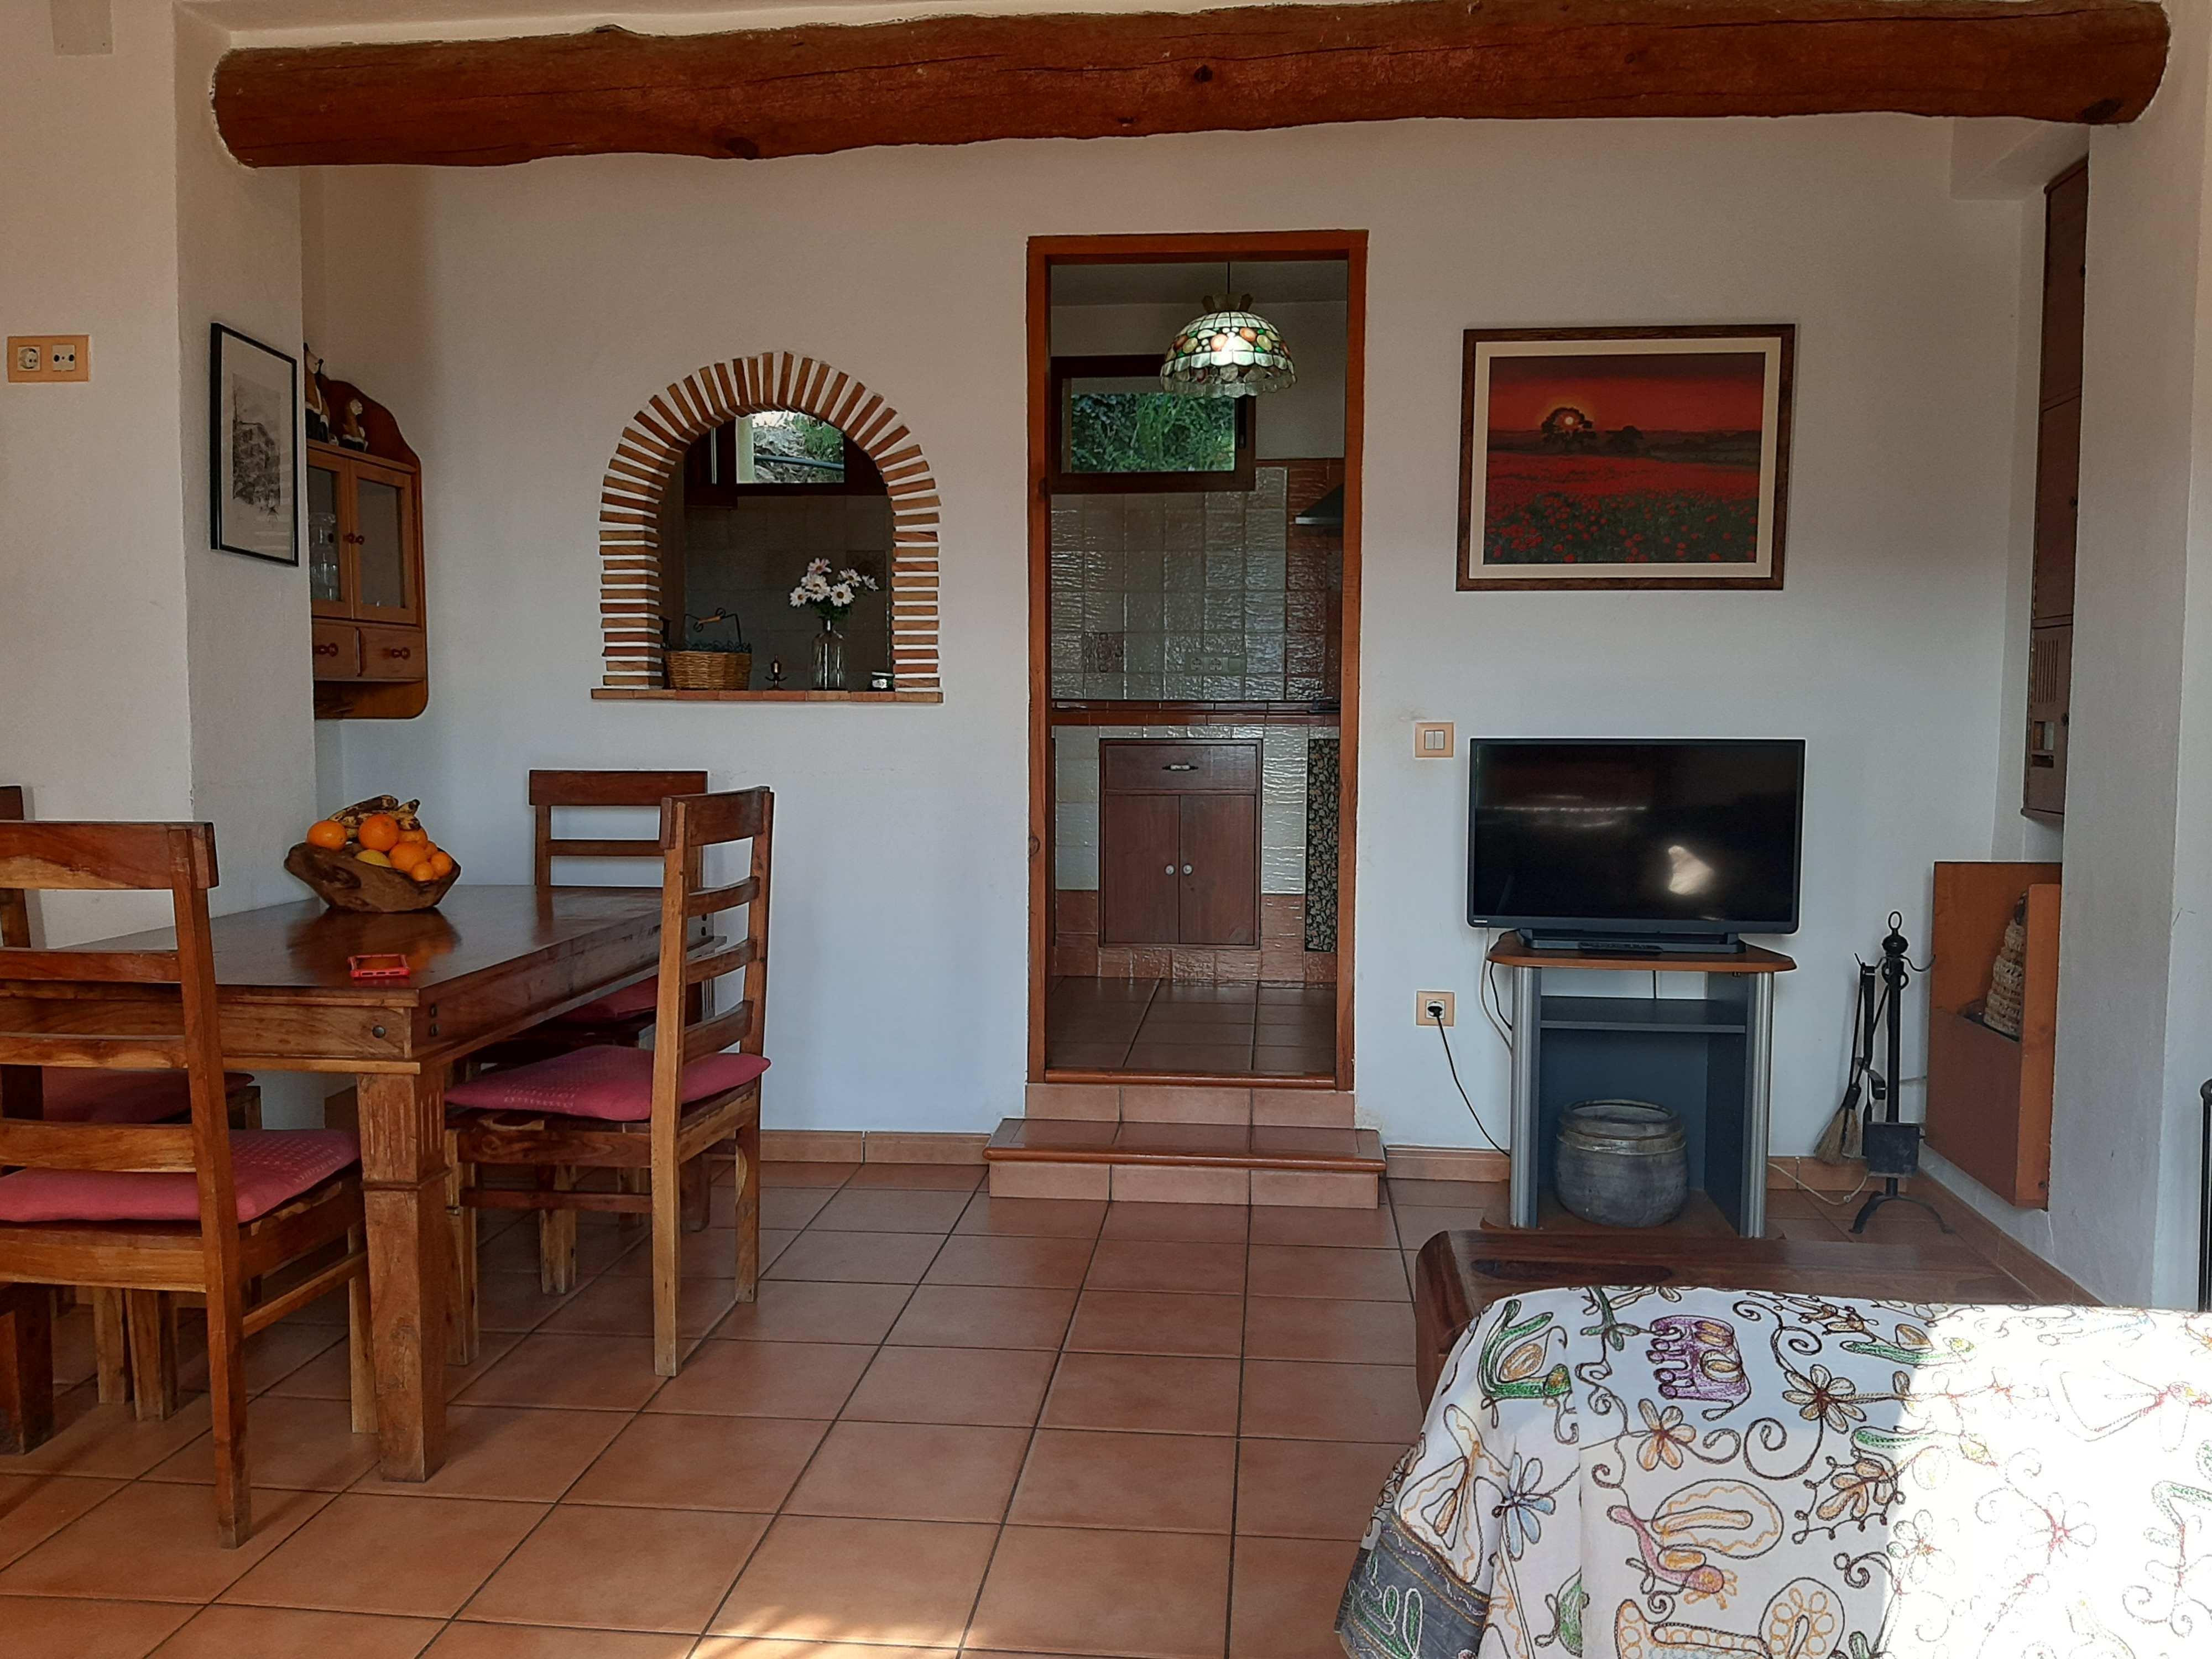 Galerie de photos - 15 - Olea-Home   Real Estate en Orba y Teulada-Moraira  